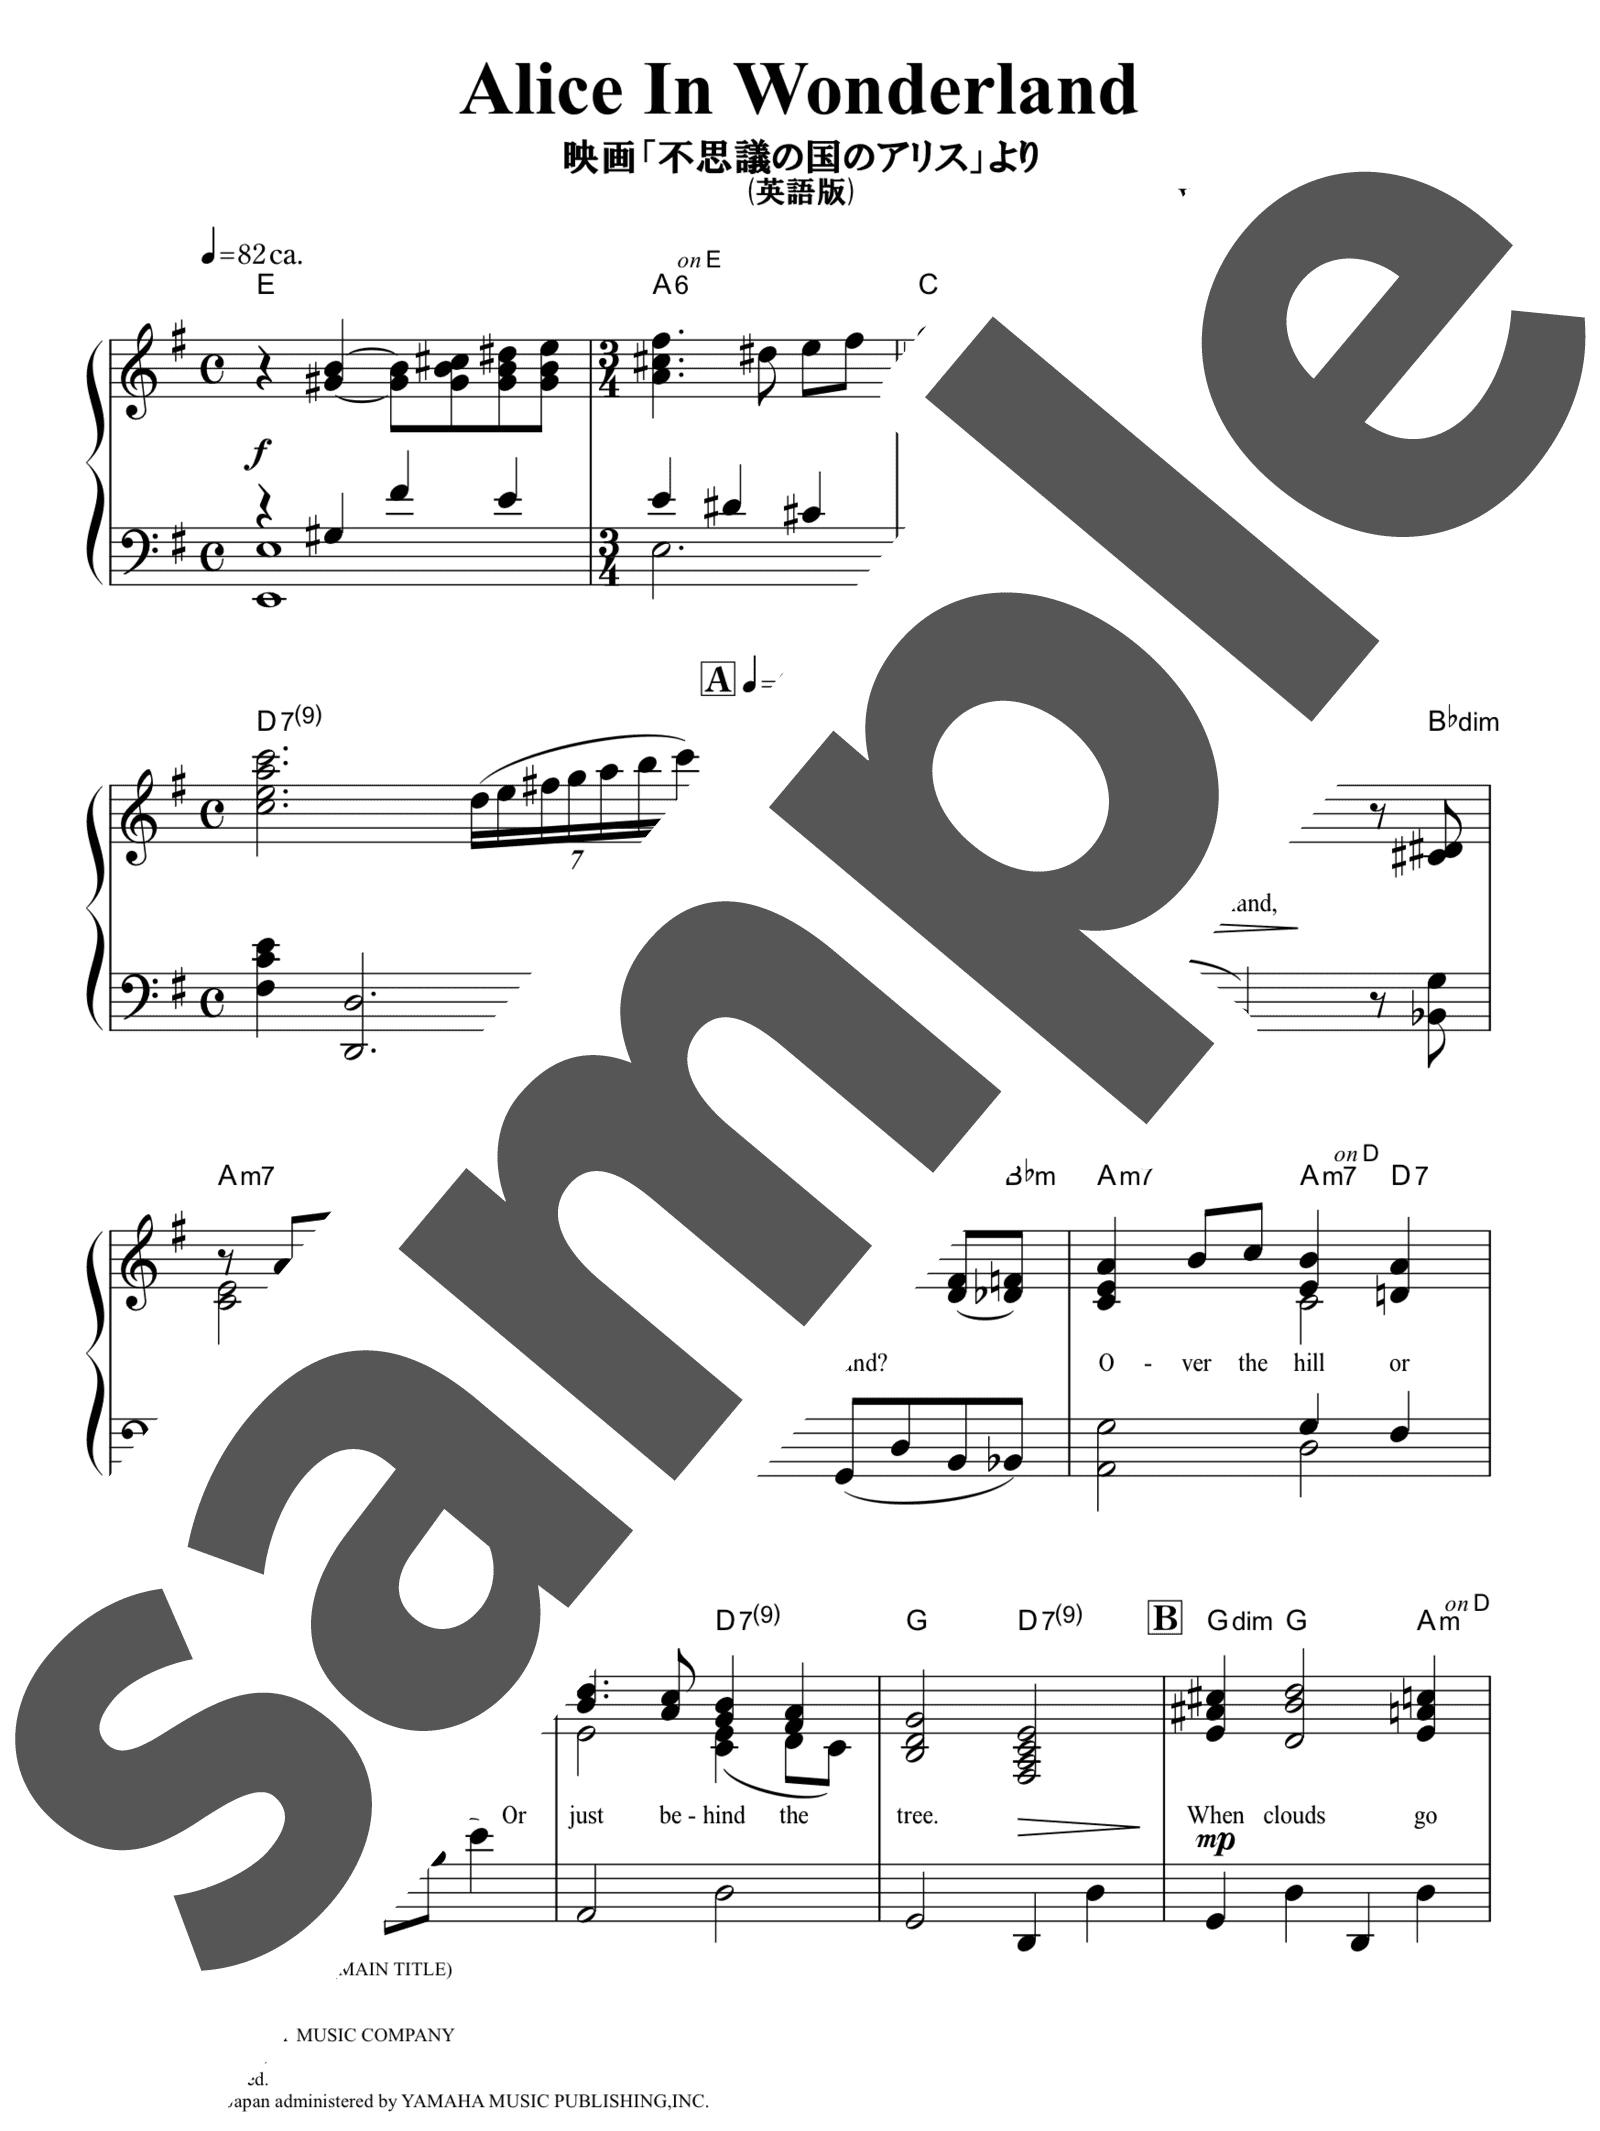 「不思議の国のアリス」のサンプル楽譜